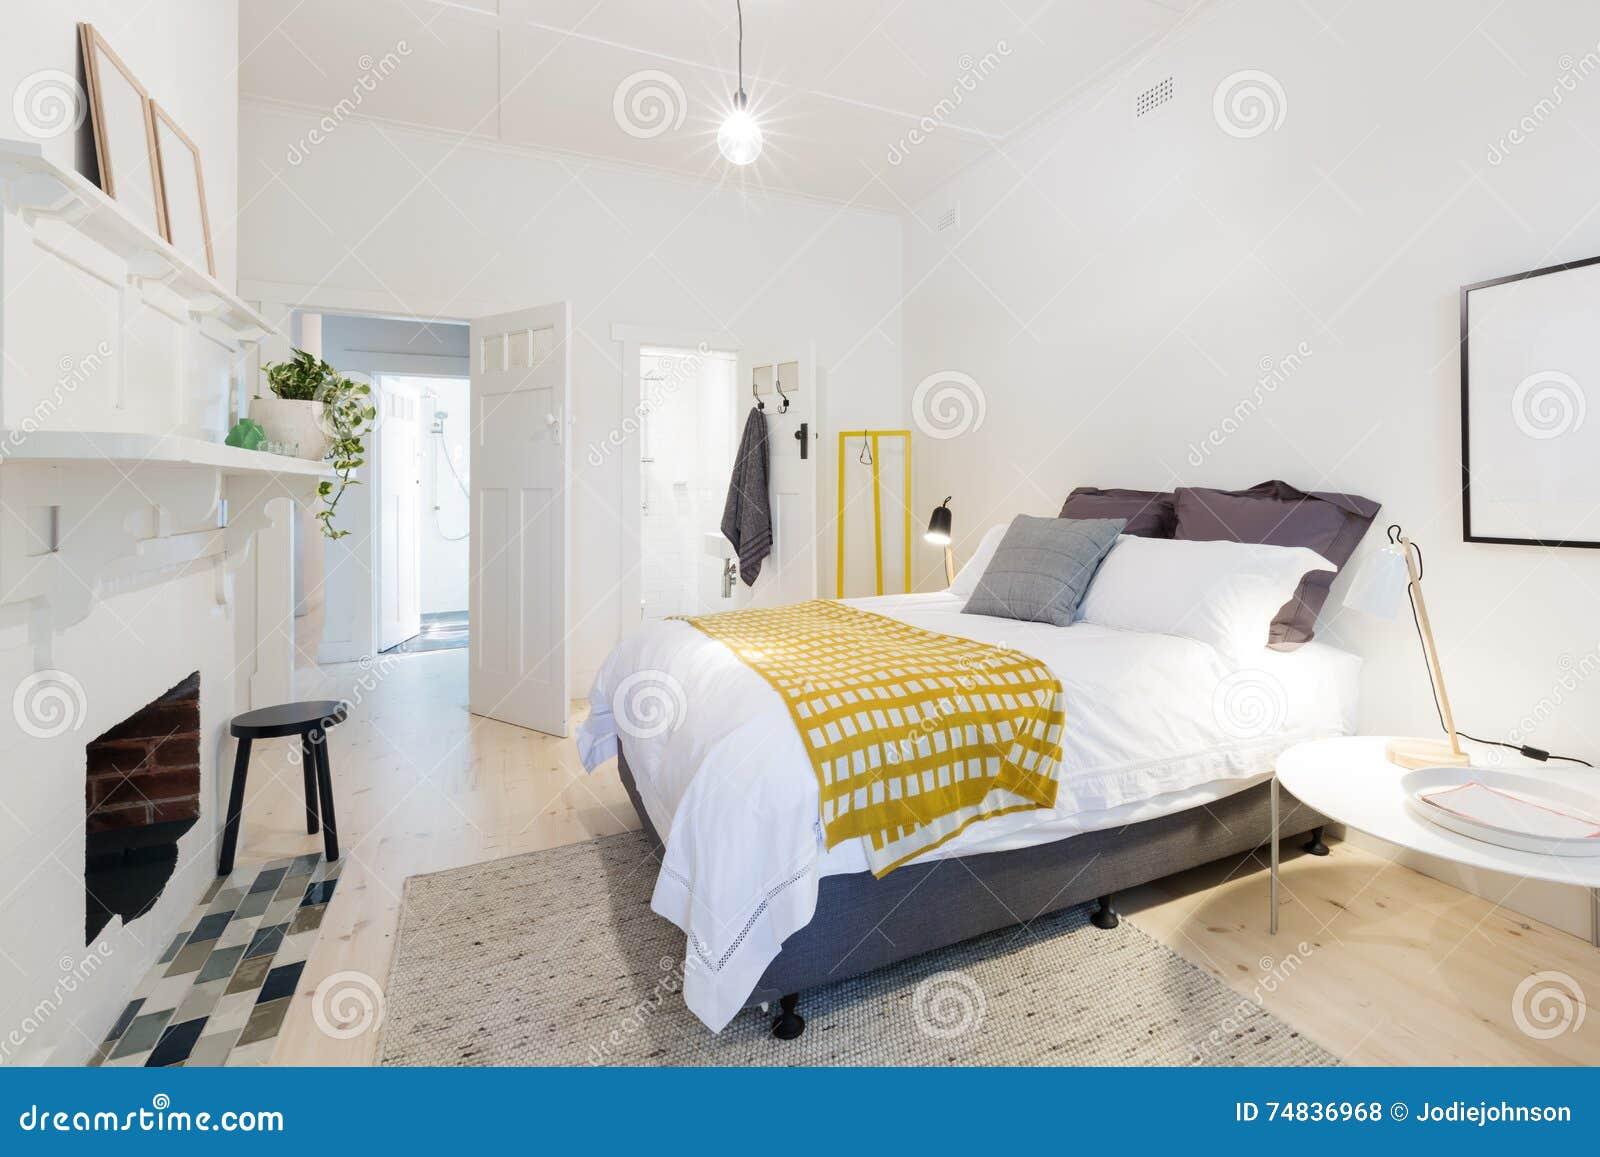 Modieuze eigentijdse slaapkamer met ensuite en gele accenten stock